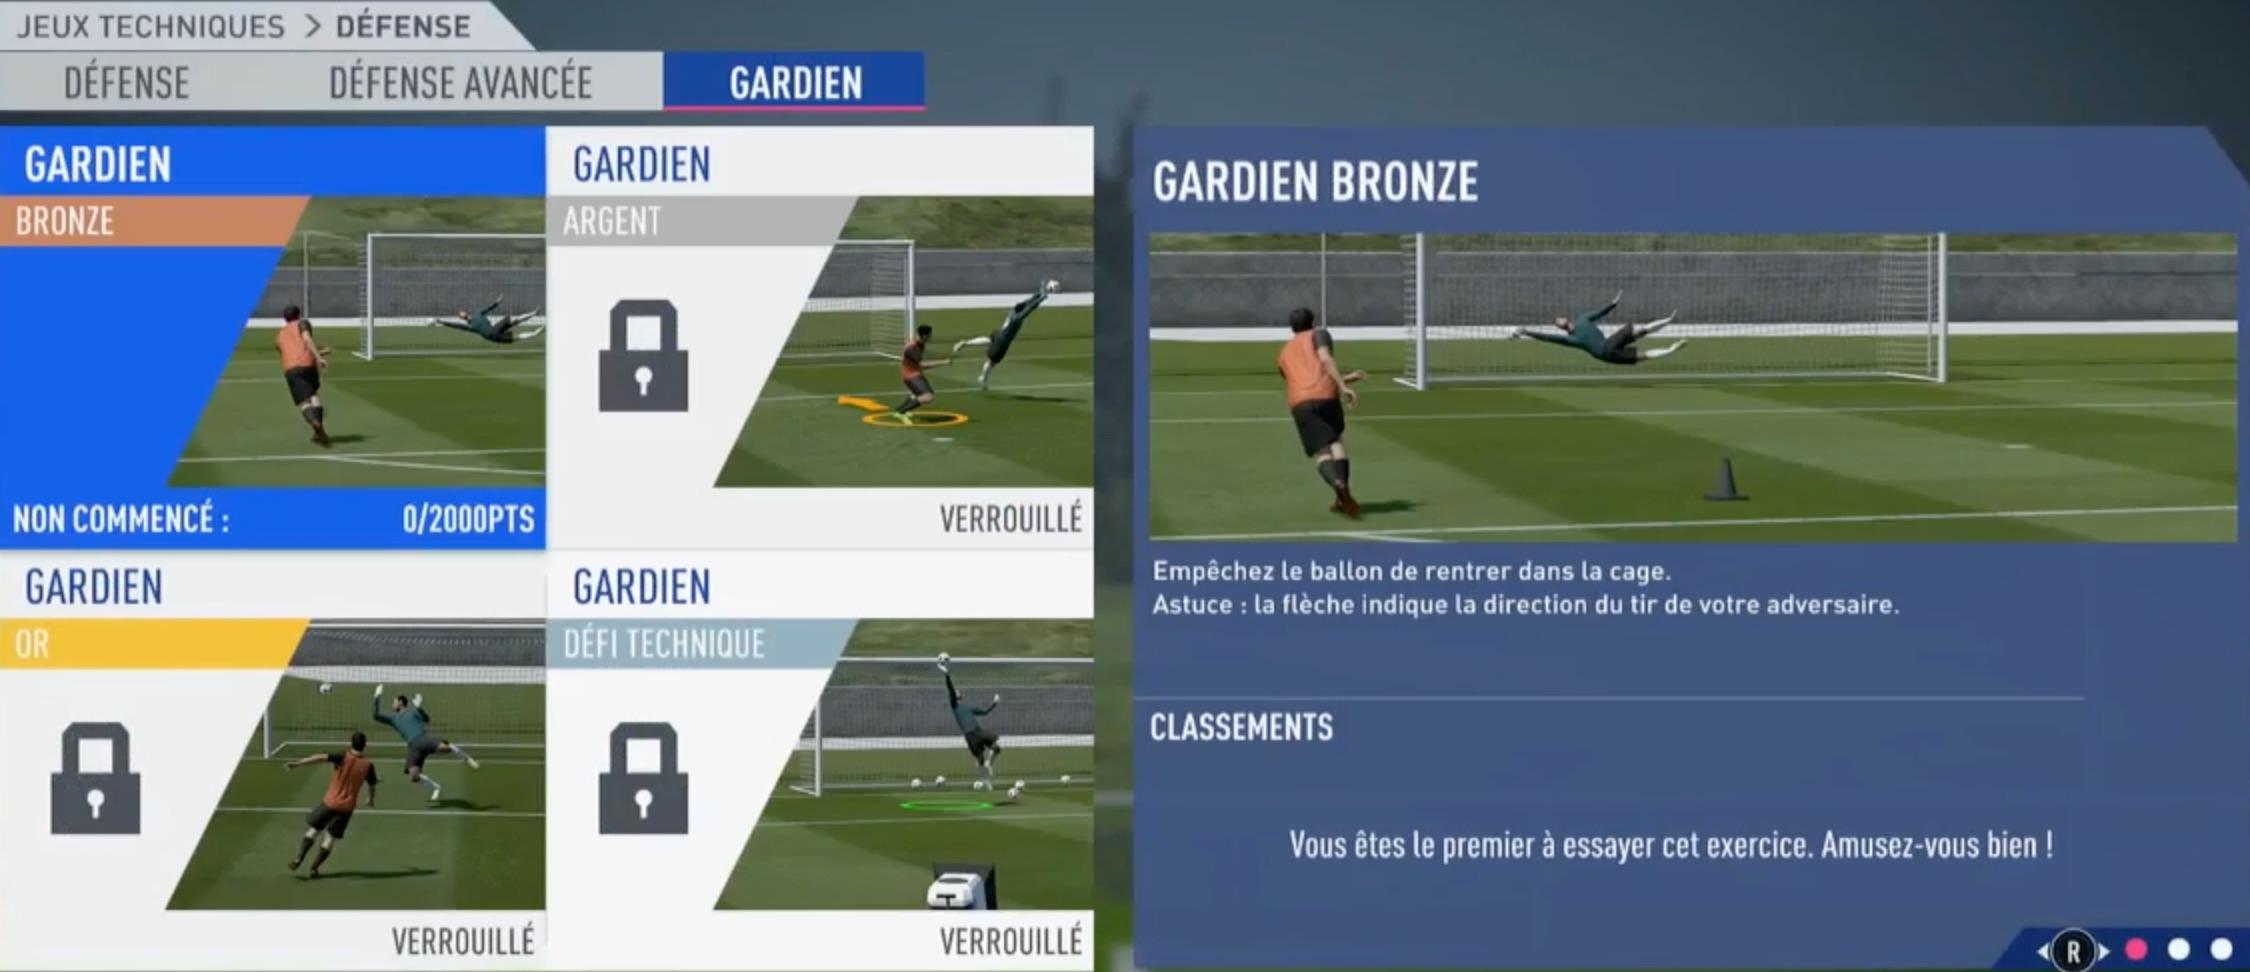 Jeux Techniques Gardien - Soluce Fifa 19 | Supersoluce destiné Jeux De Gardien